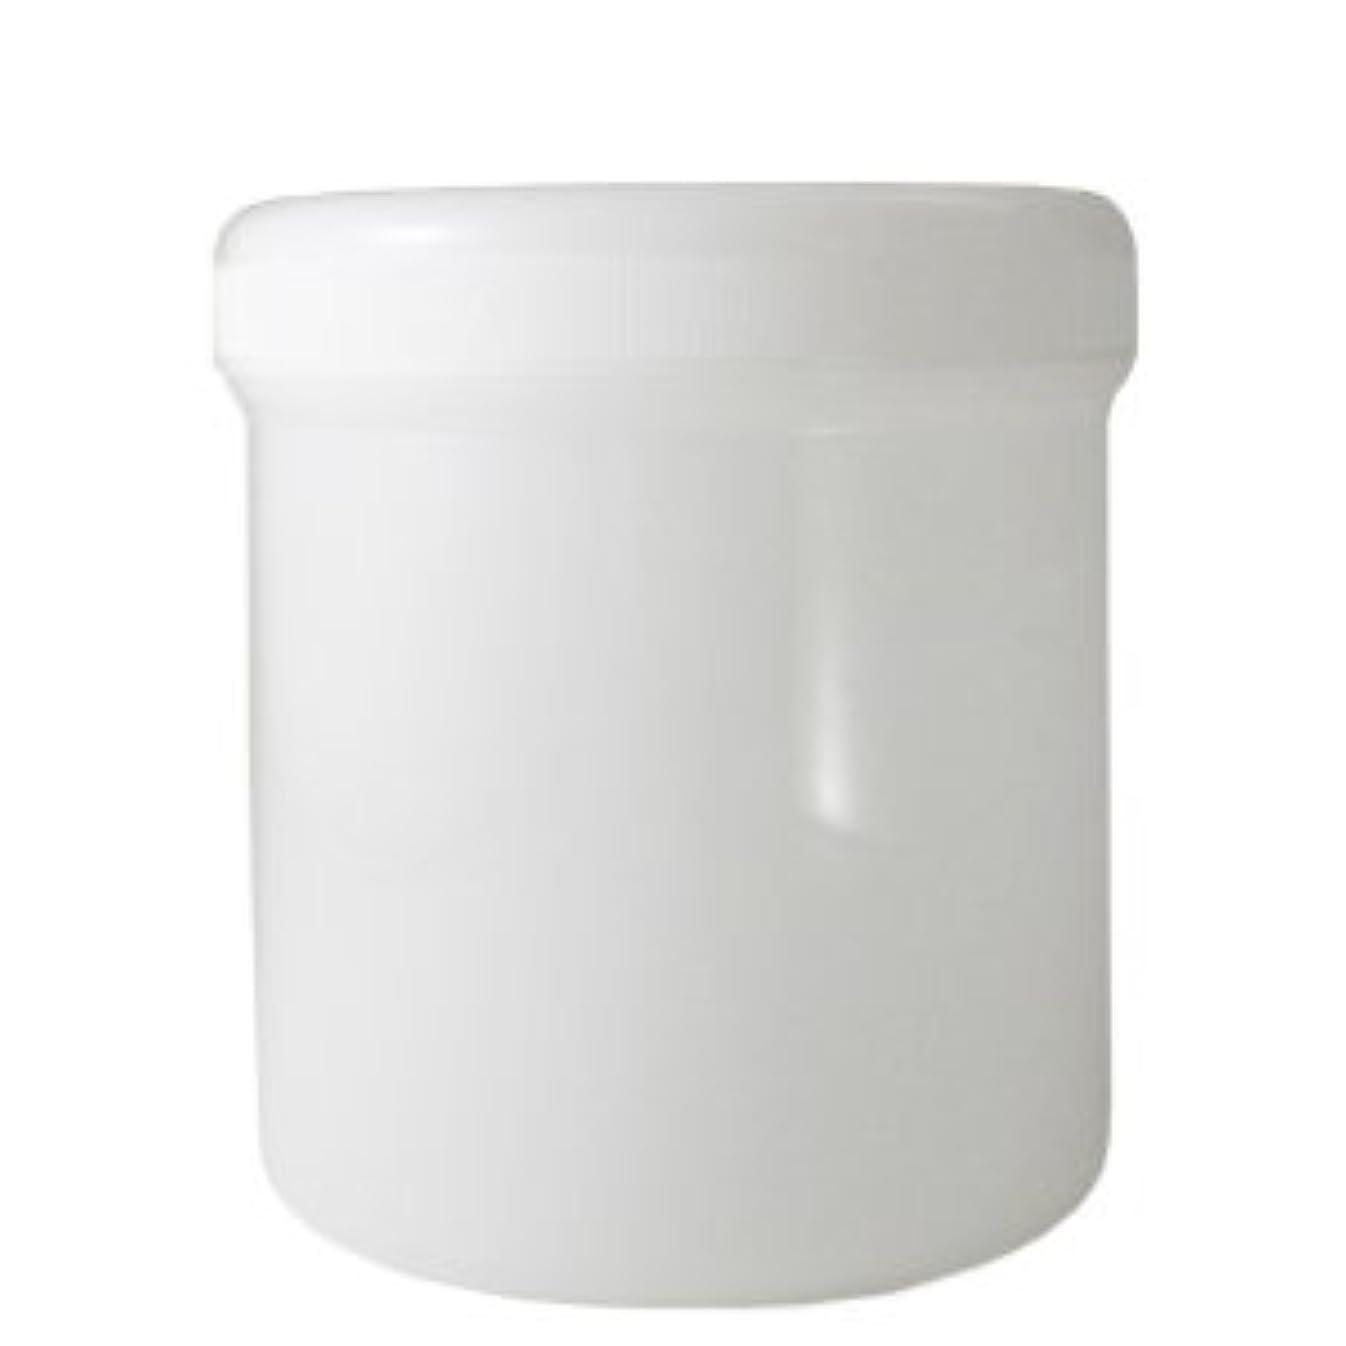 尋ねる痛い効能ナンコー容器 クリームジャー化粧品容器 550ml